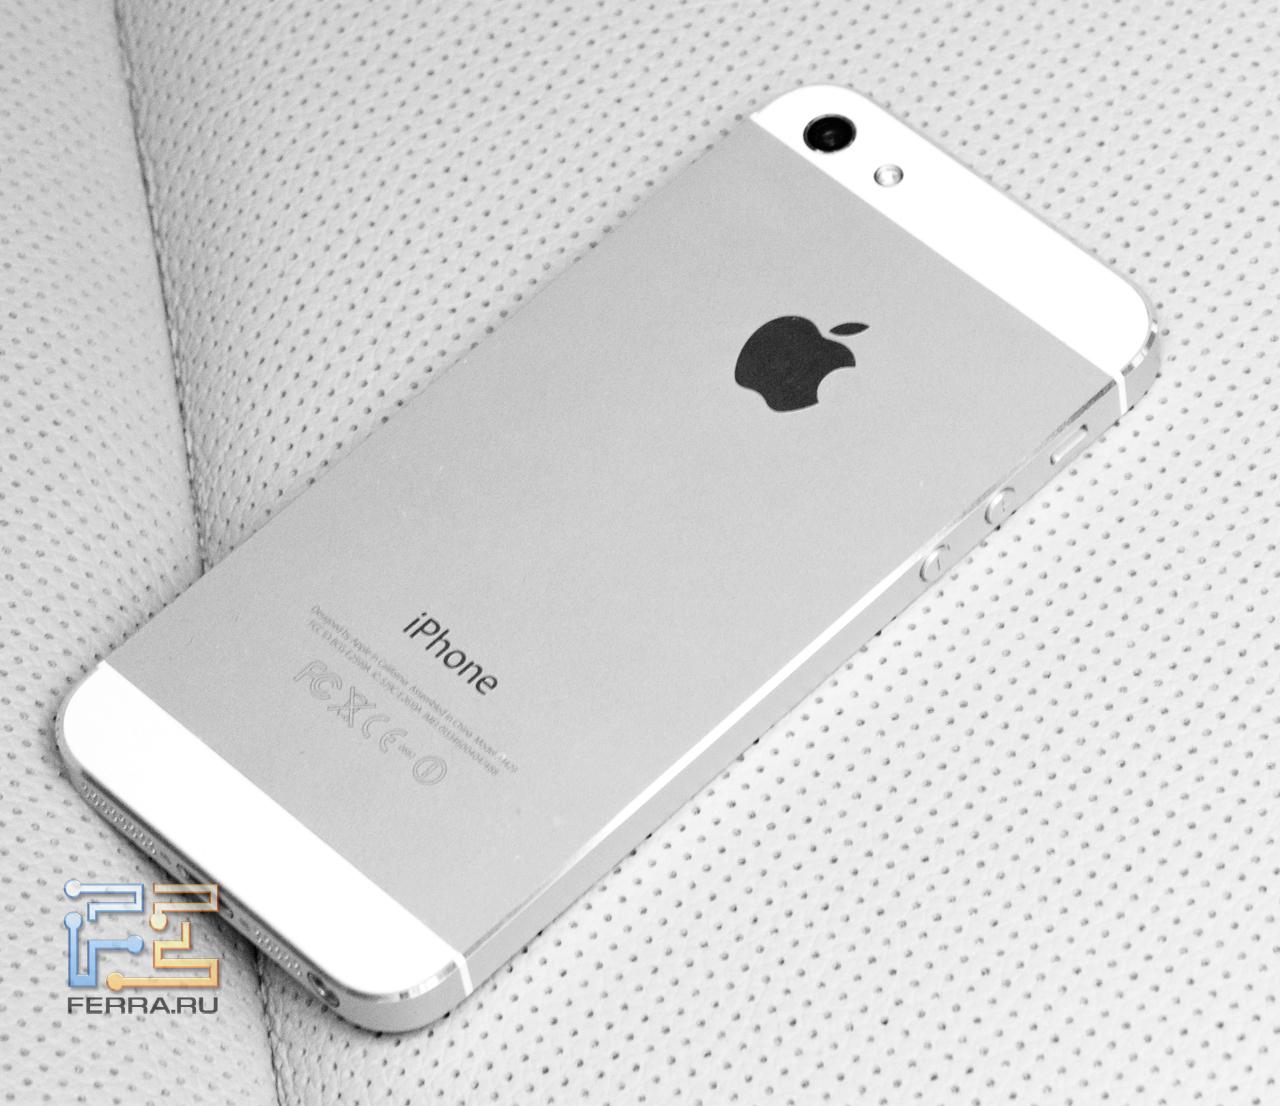 Обзор iPhone 6 Plus большой айфон лучший айфон